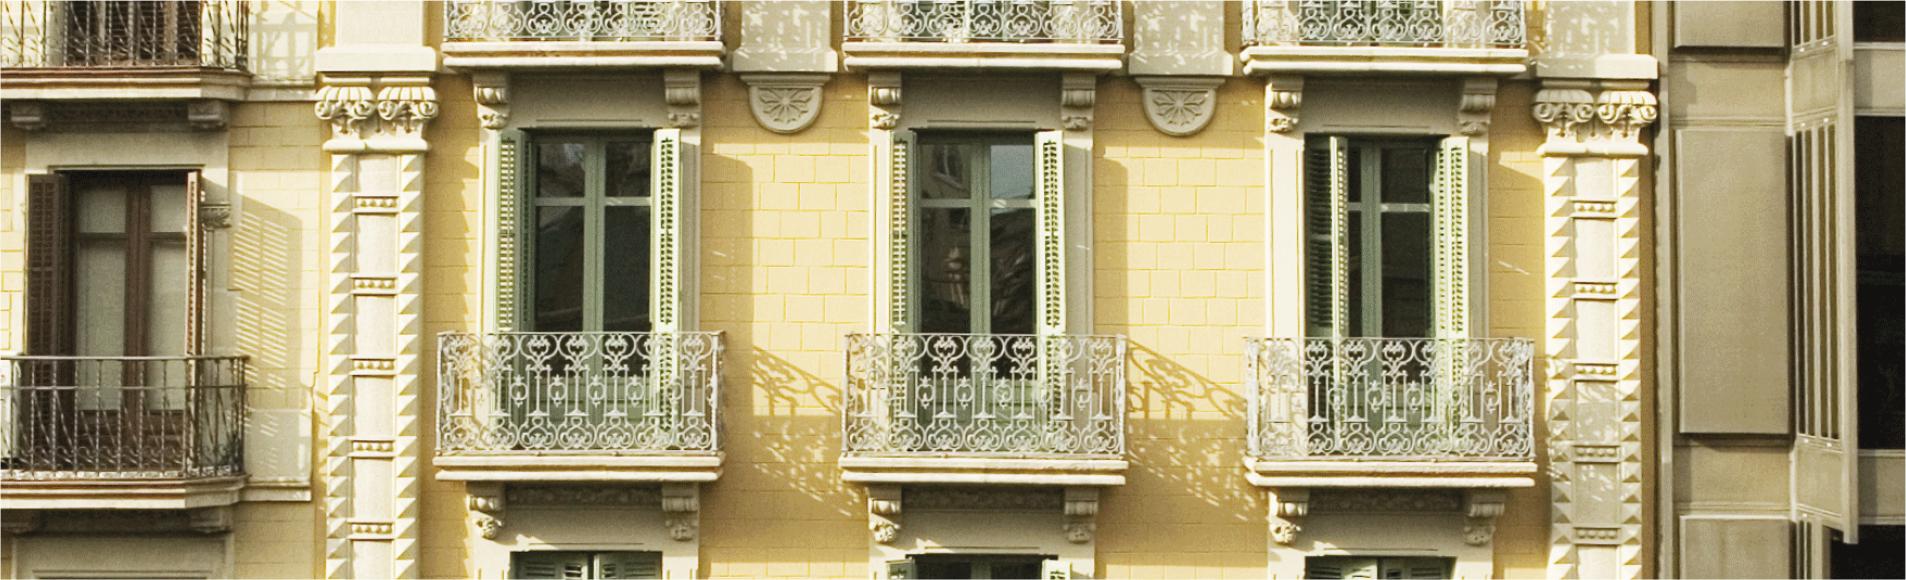 en barcelona ciudad con el fin de consolidar sus ventanas y balconeras de madera como el producto ideal que garantiza la mxima acstica y